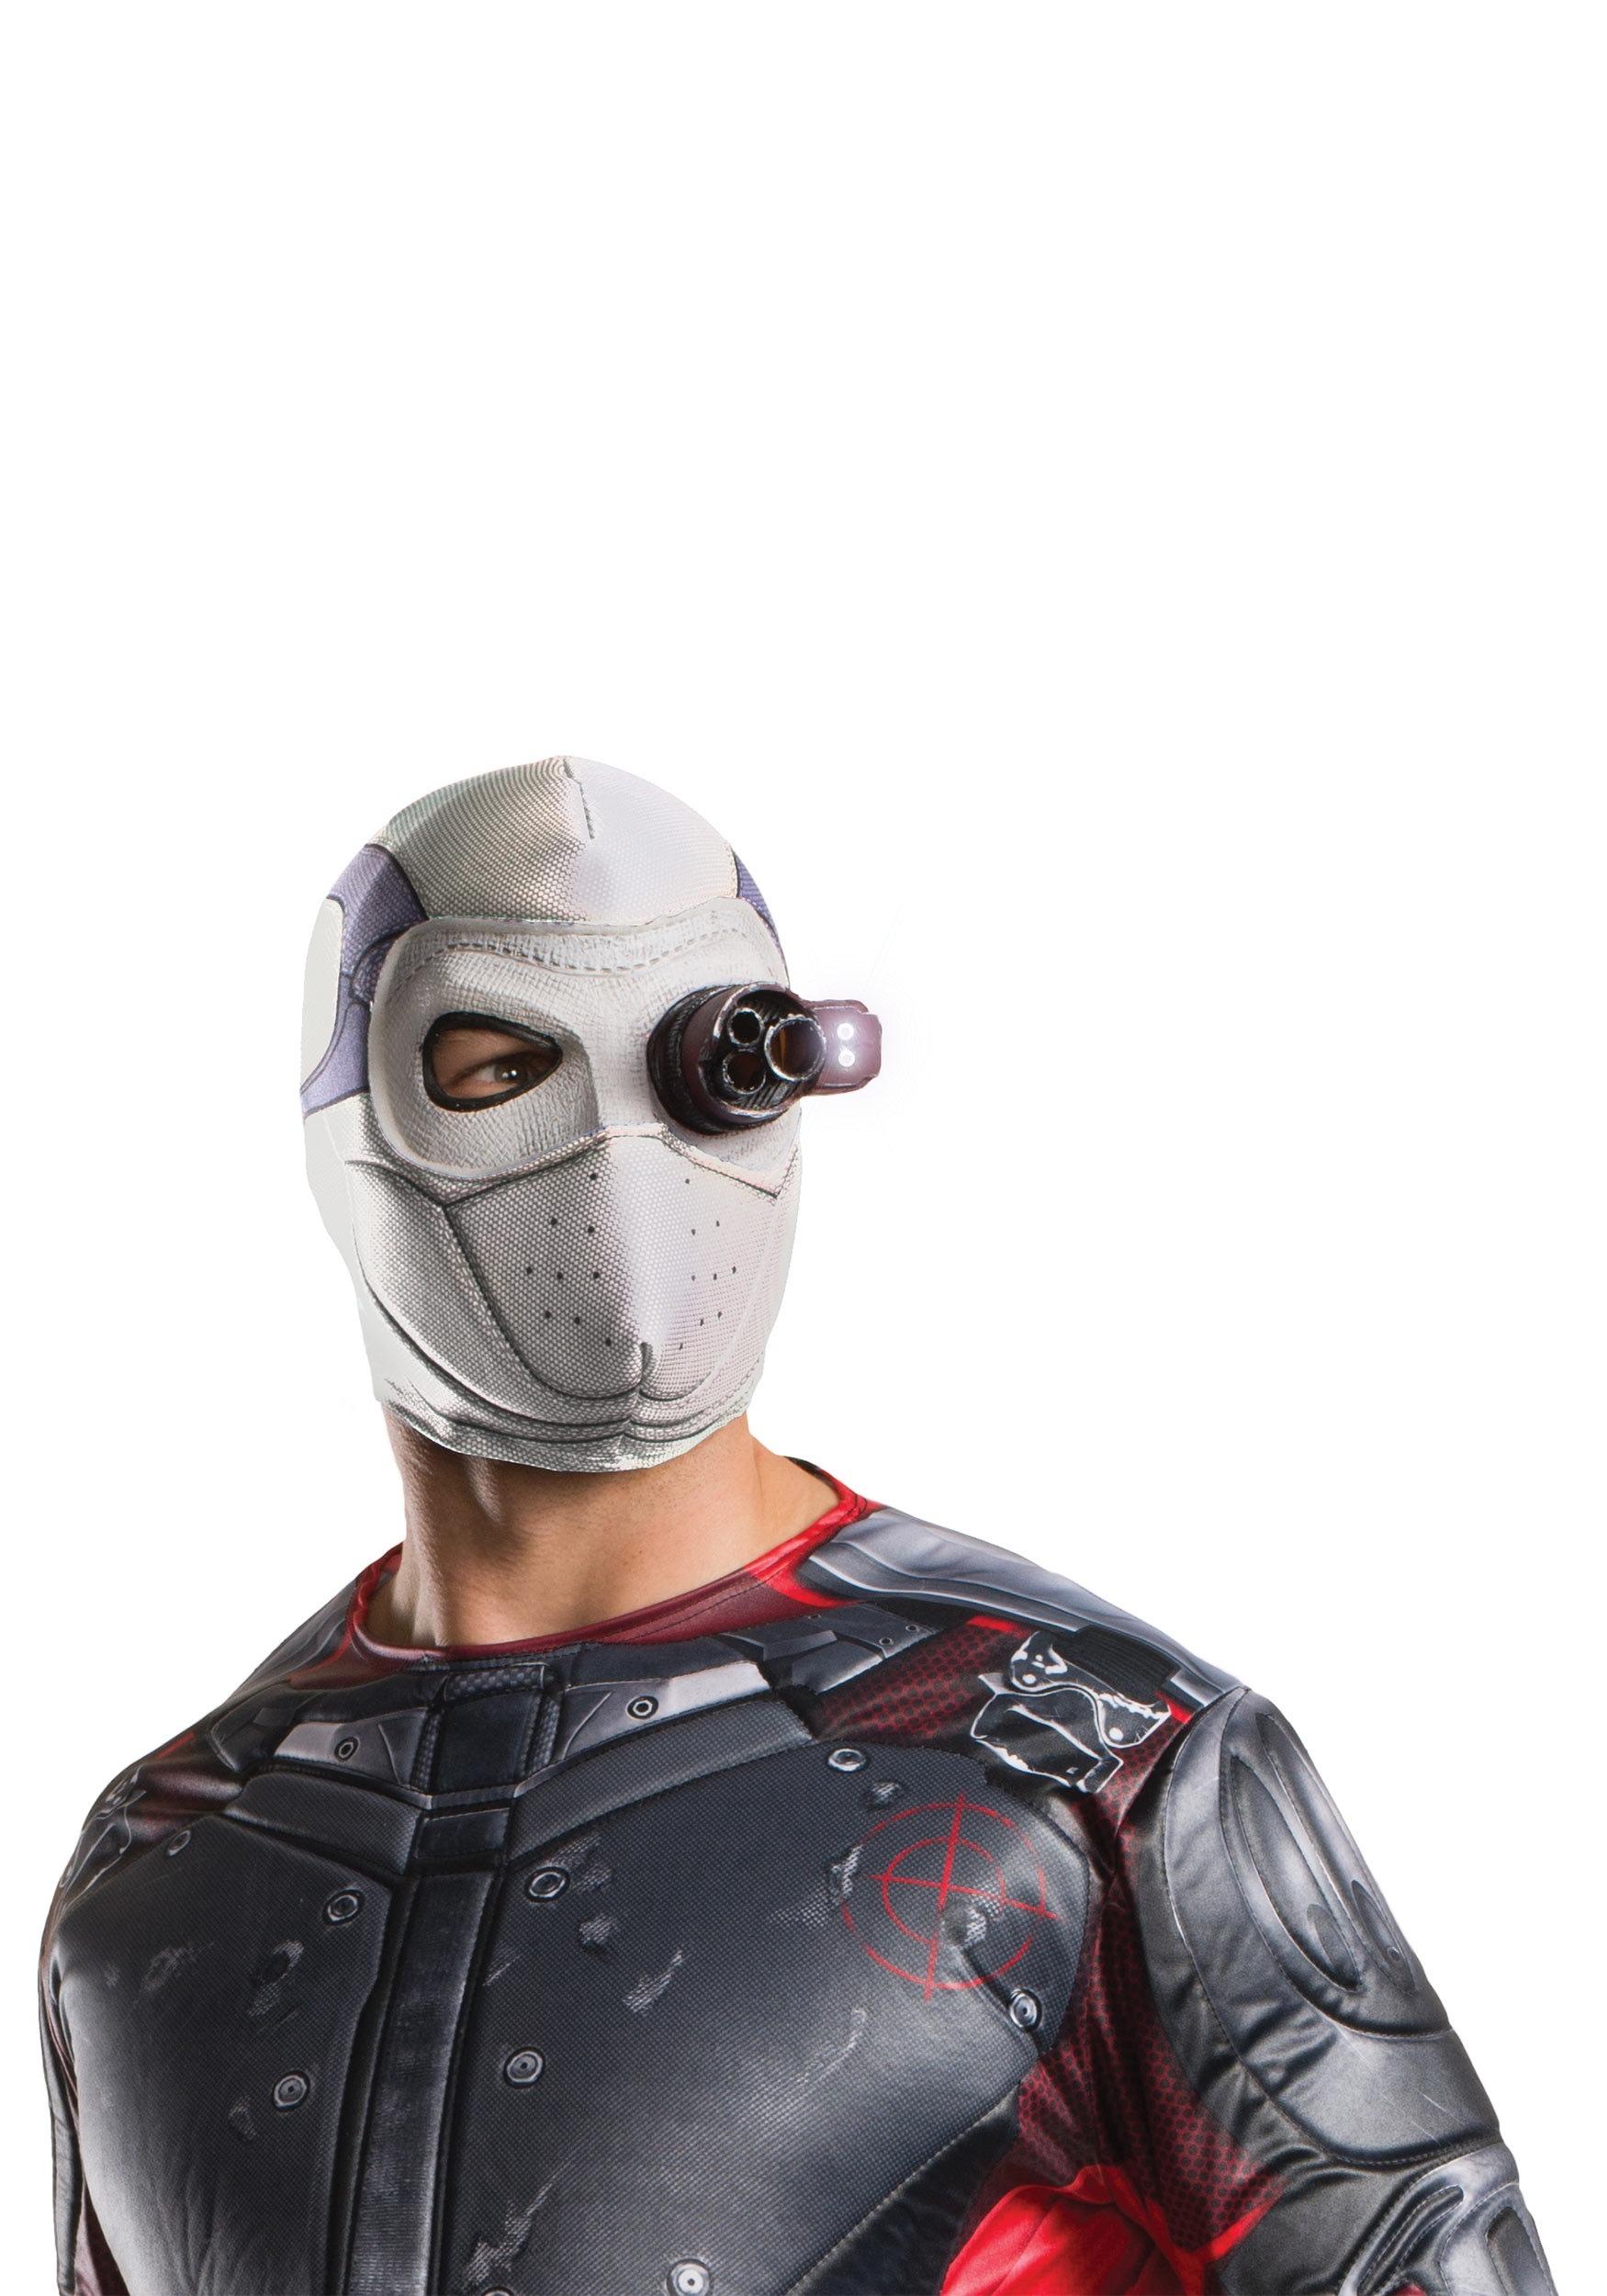 Suicide Squad Deadshot Light Up Mask RU32940